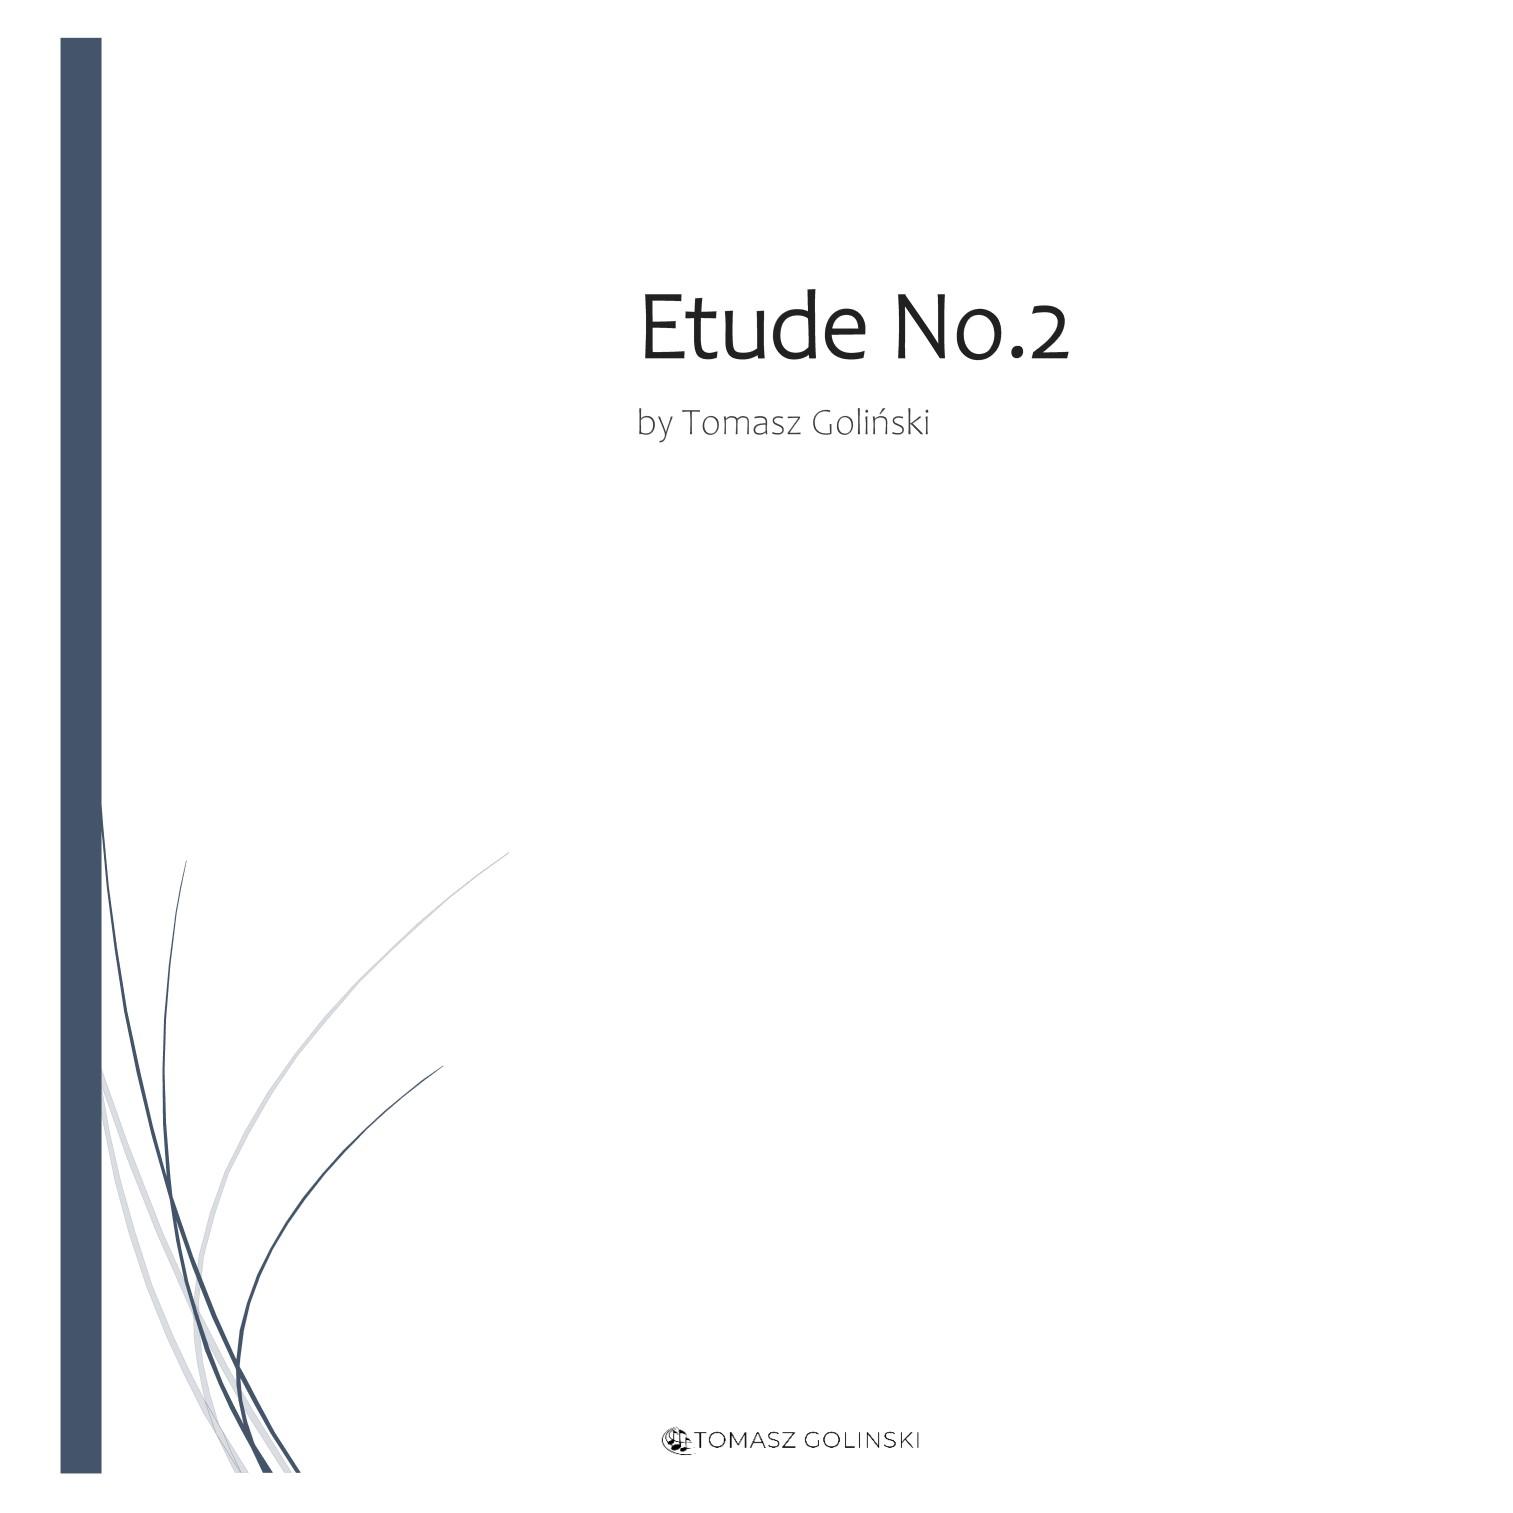 Etude No.2